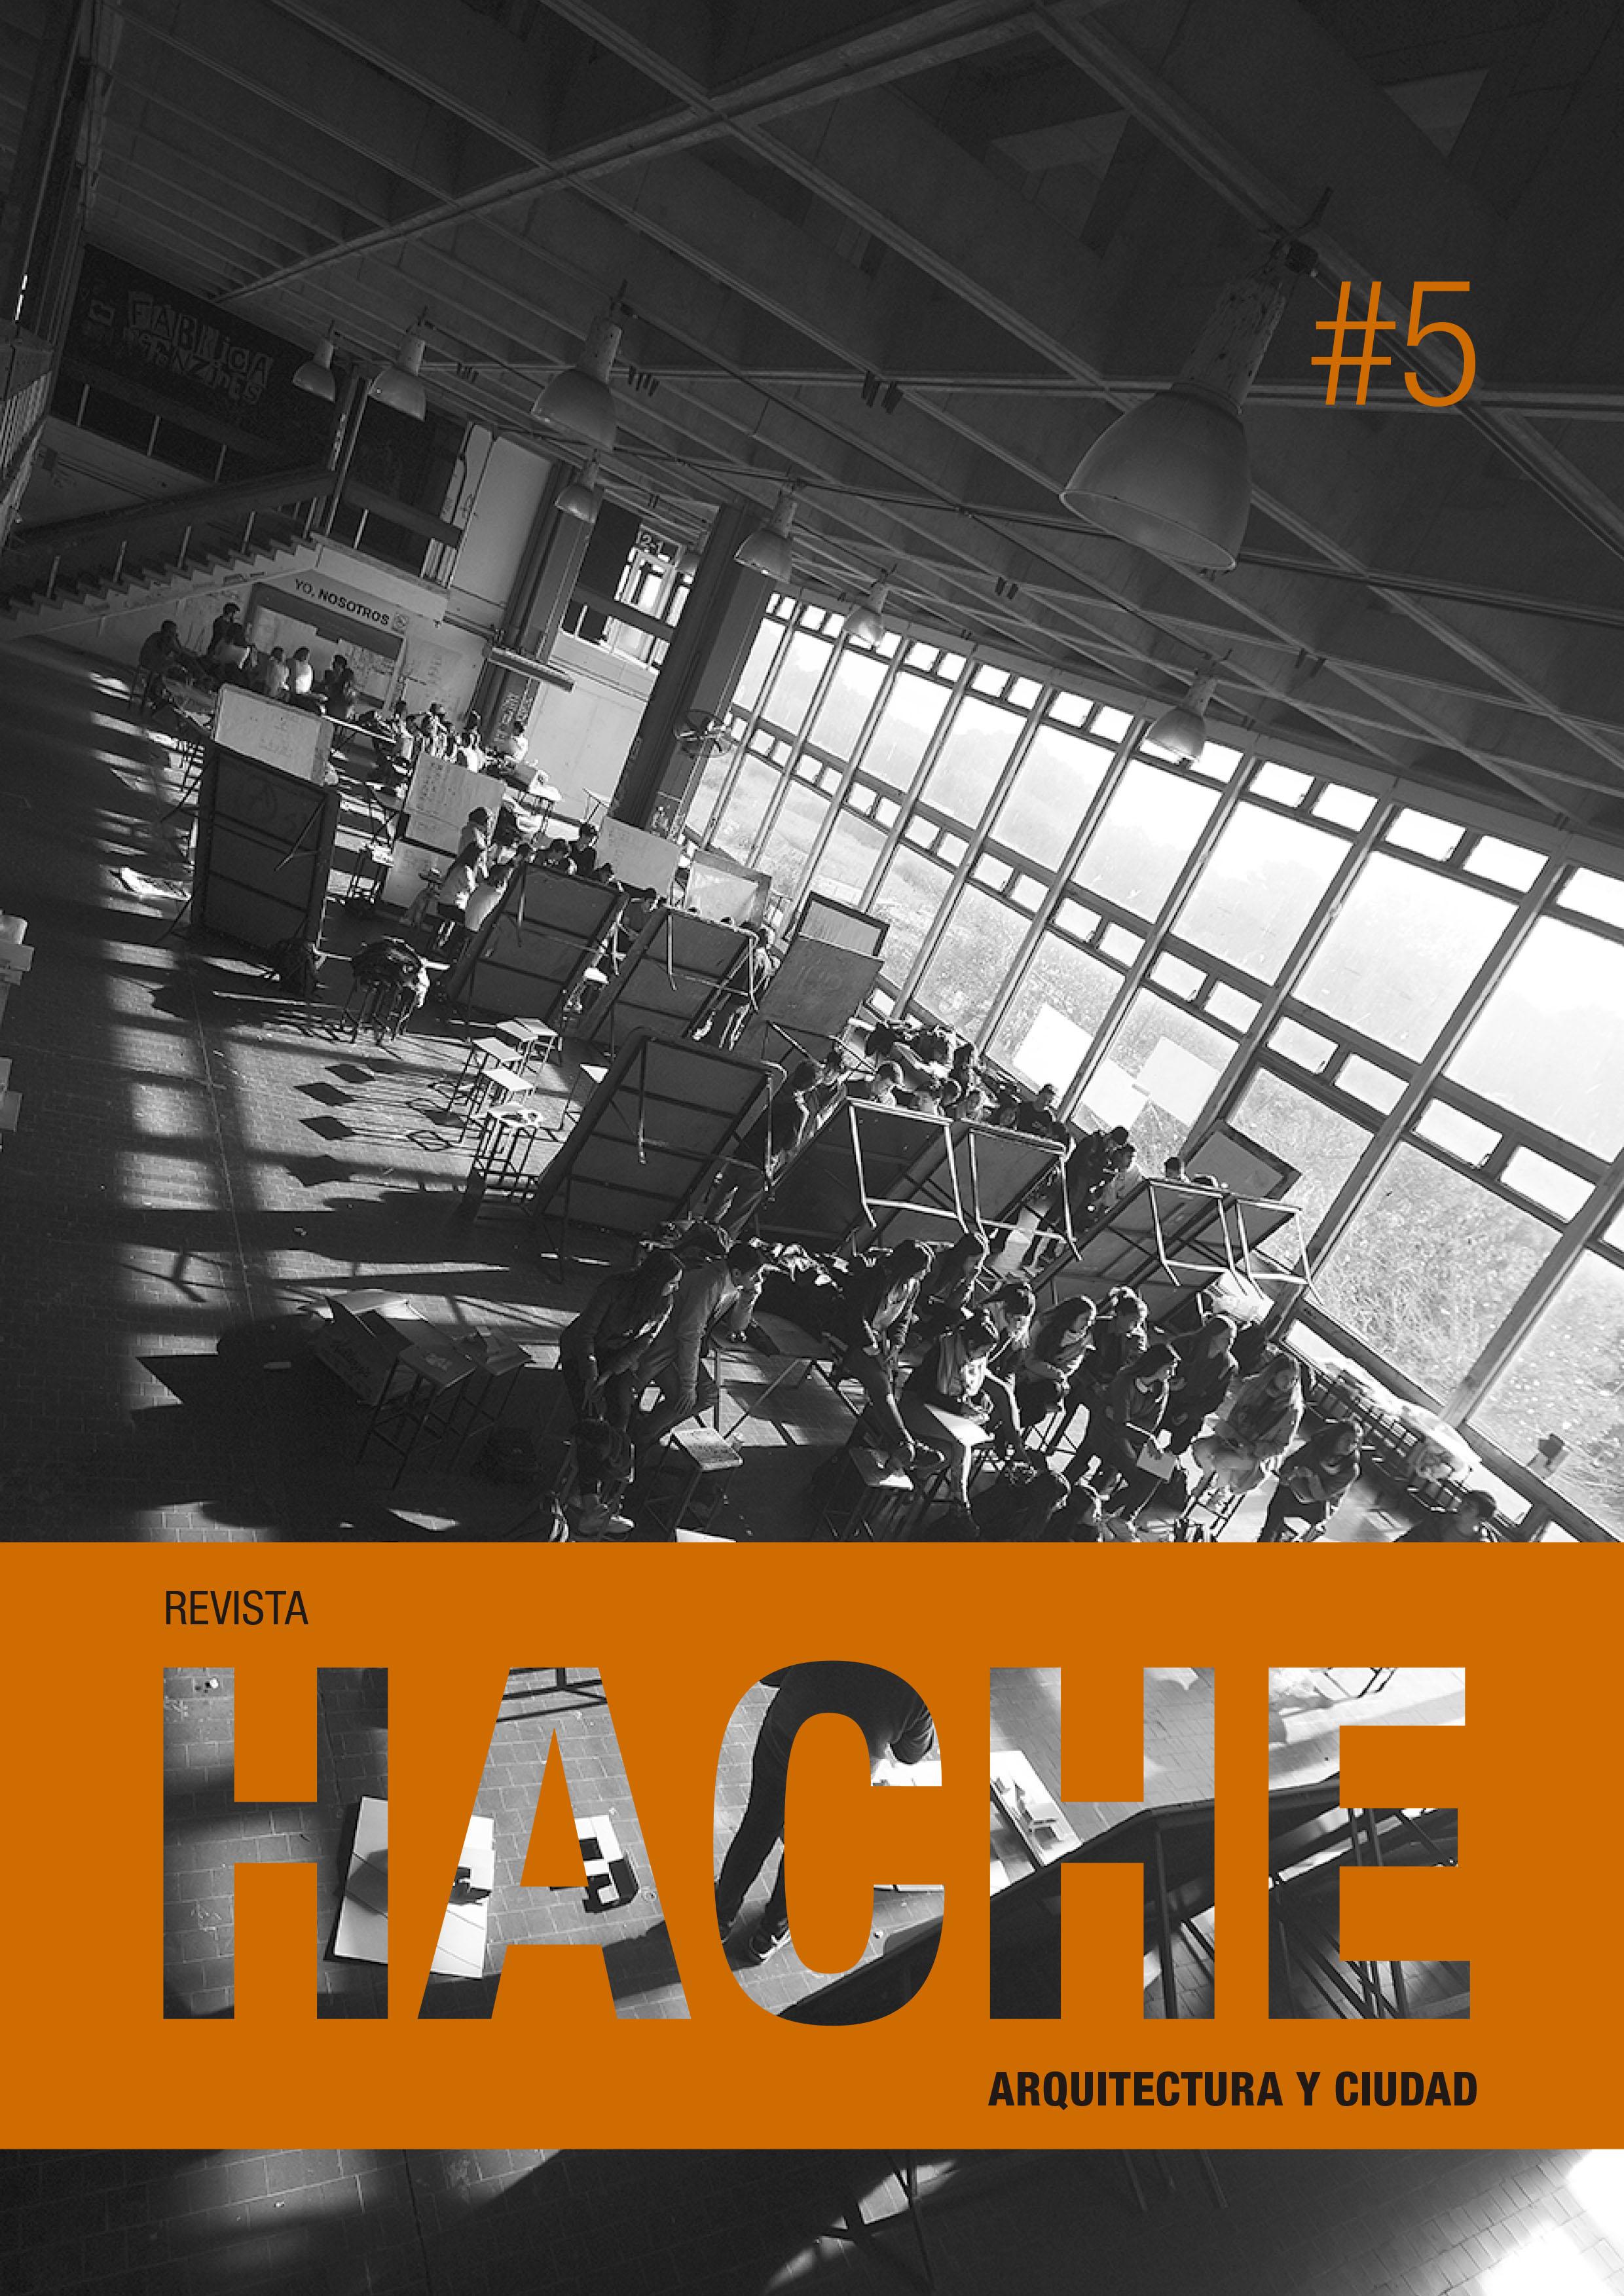 HACHE #5